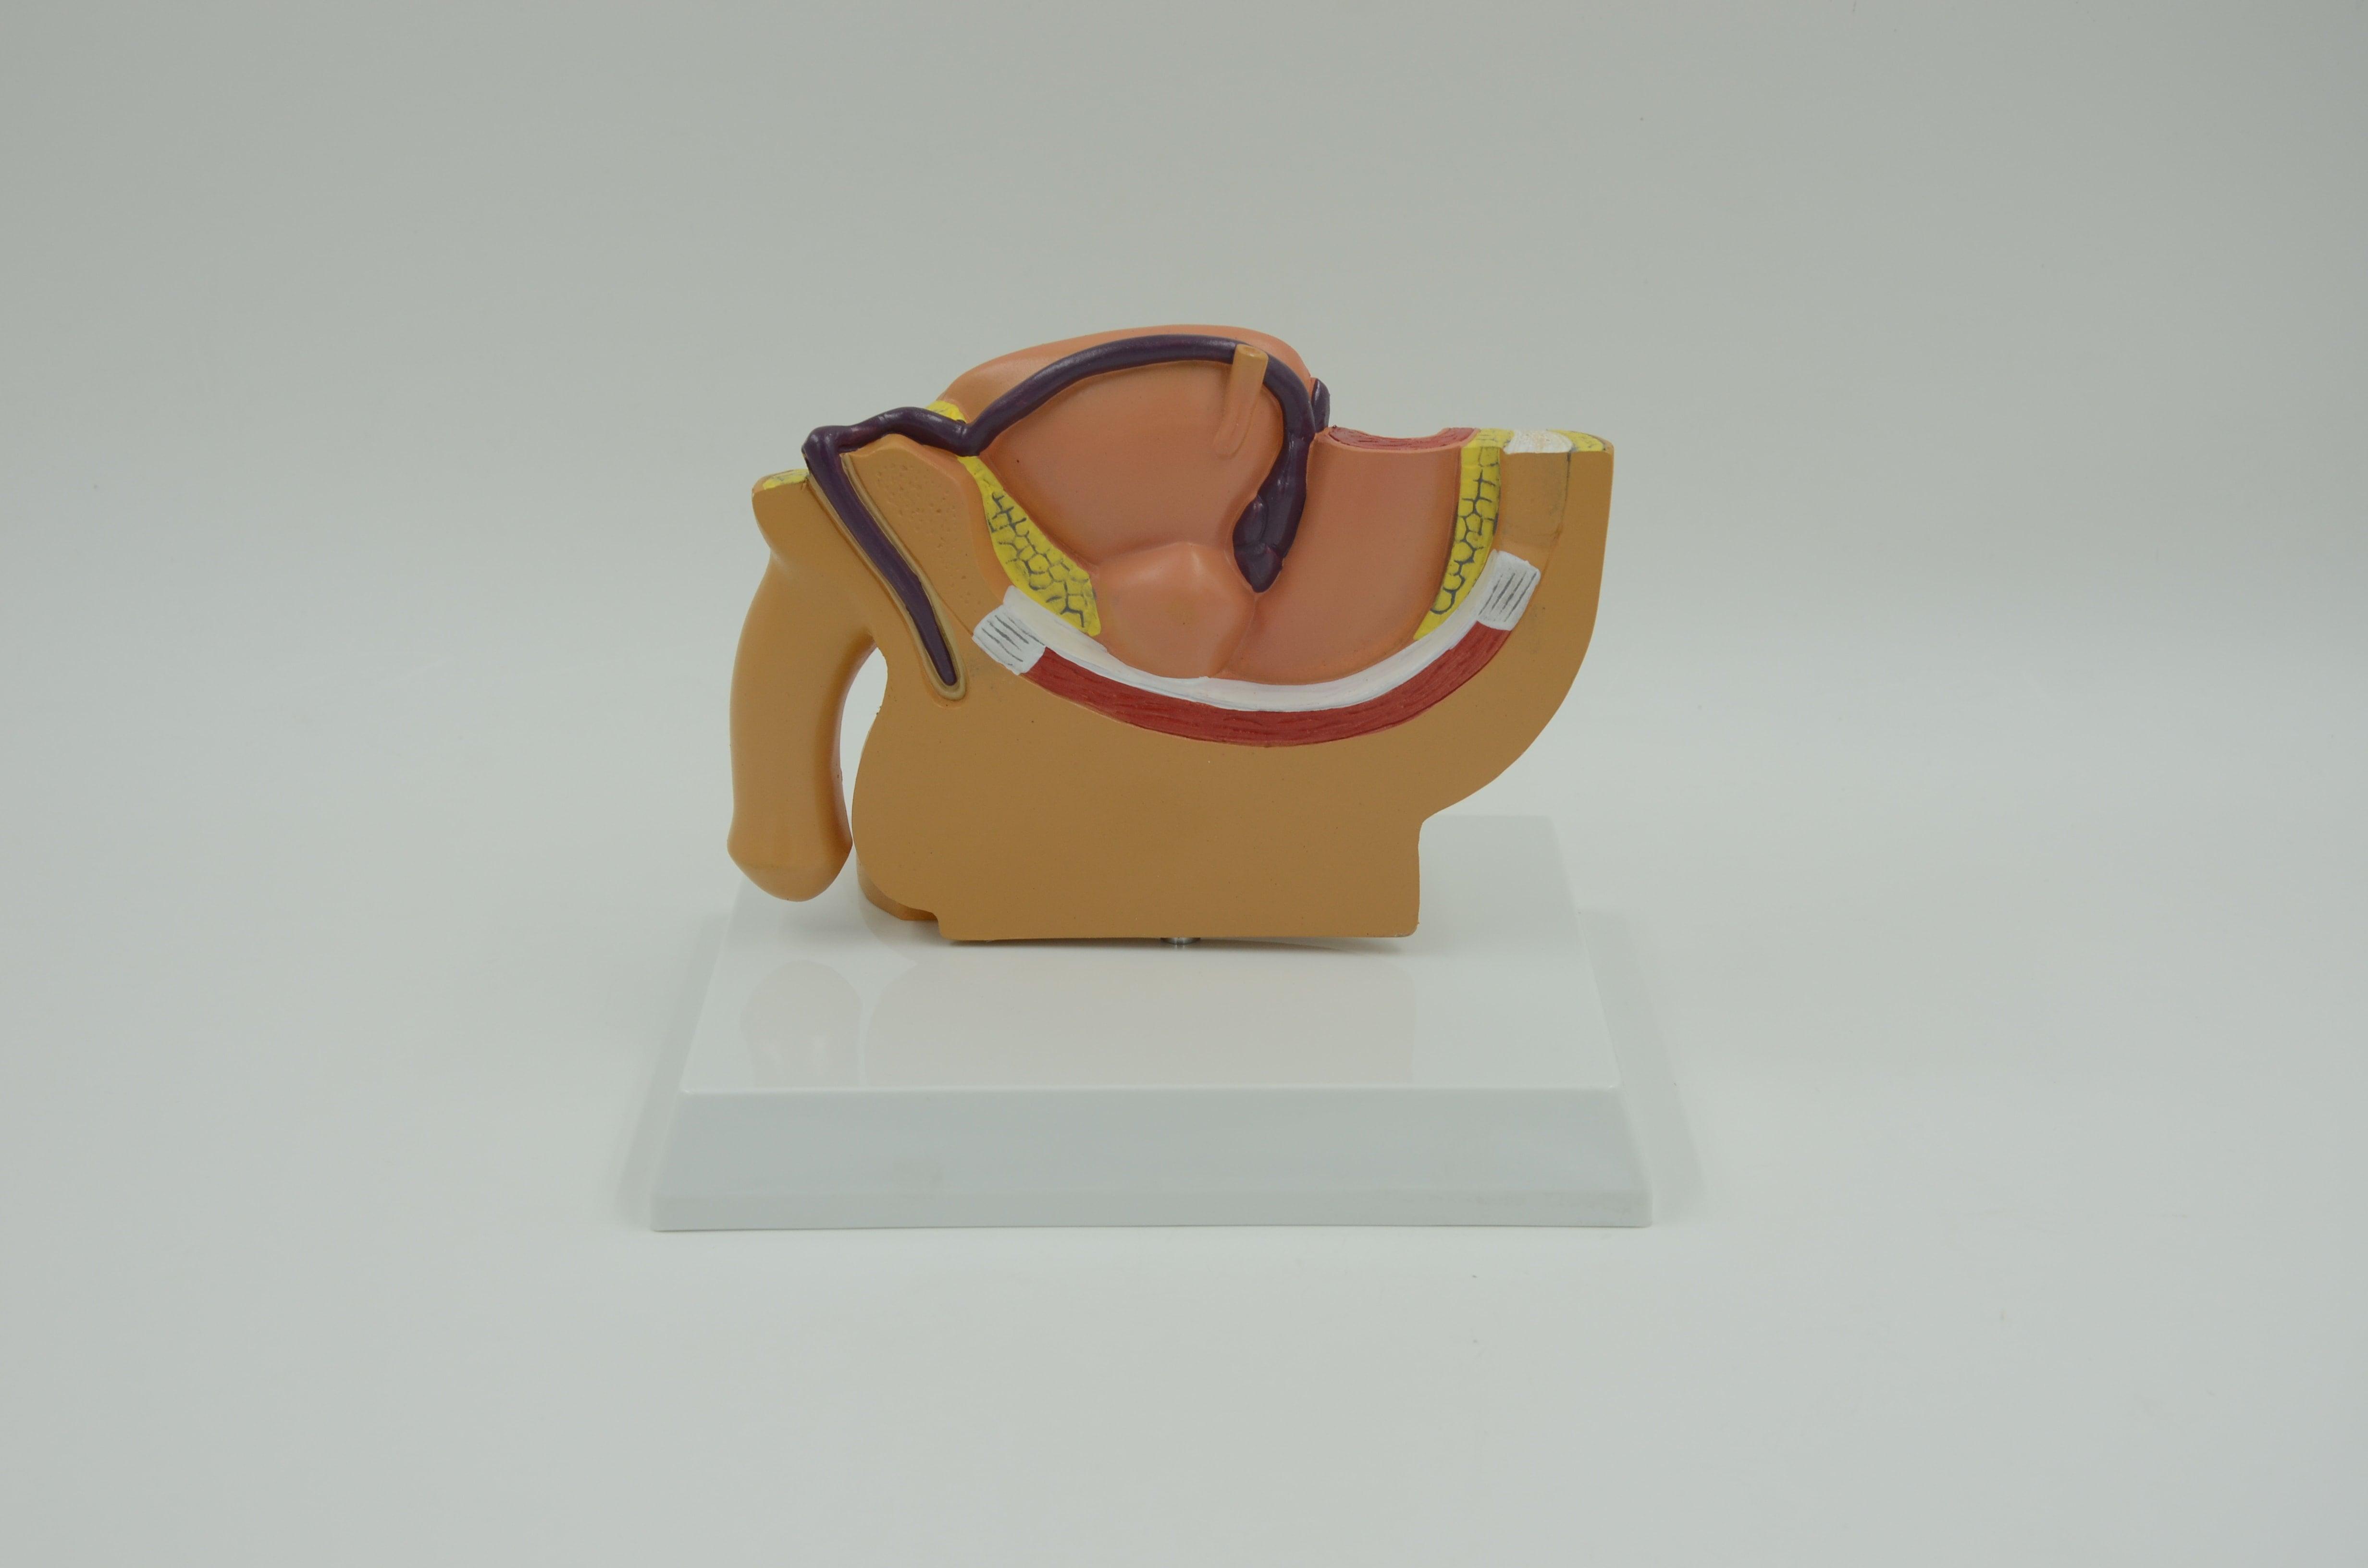 דגם אנטומי שולחני - האגן הגברי